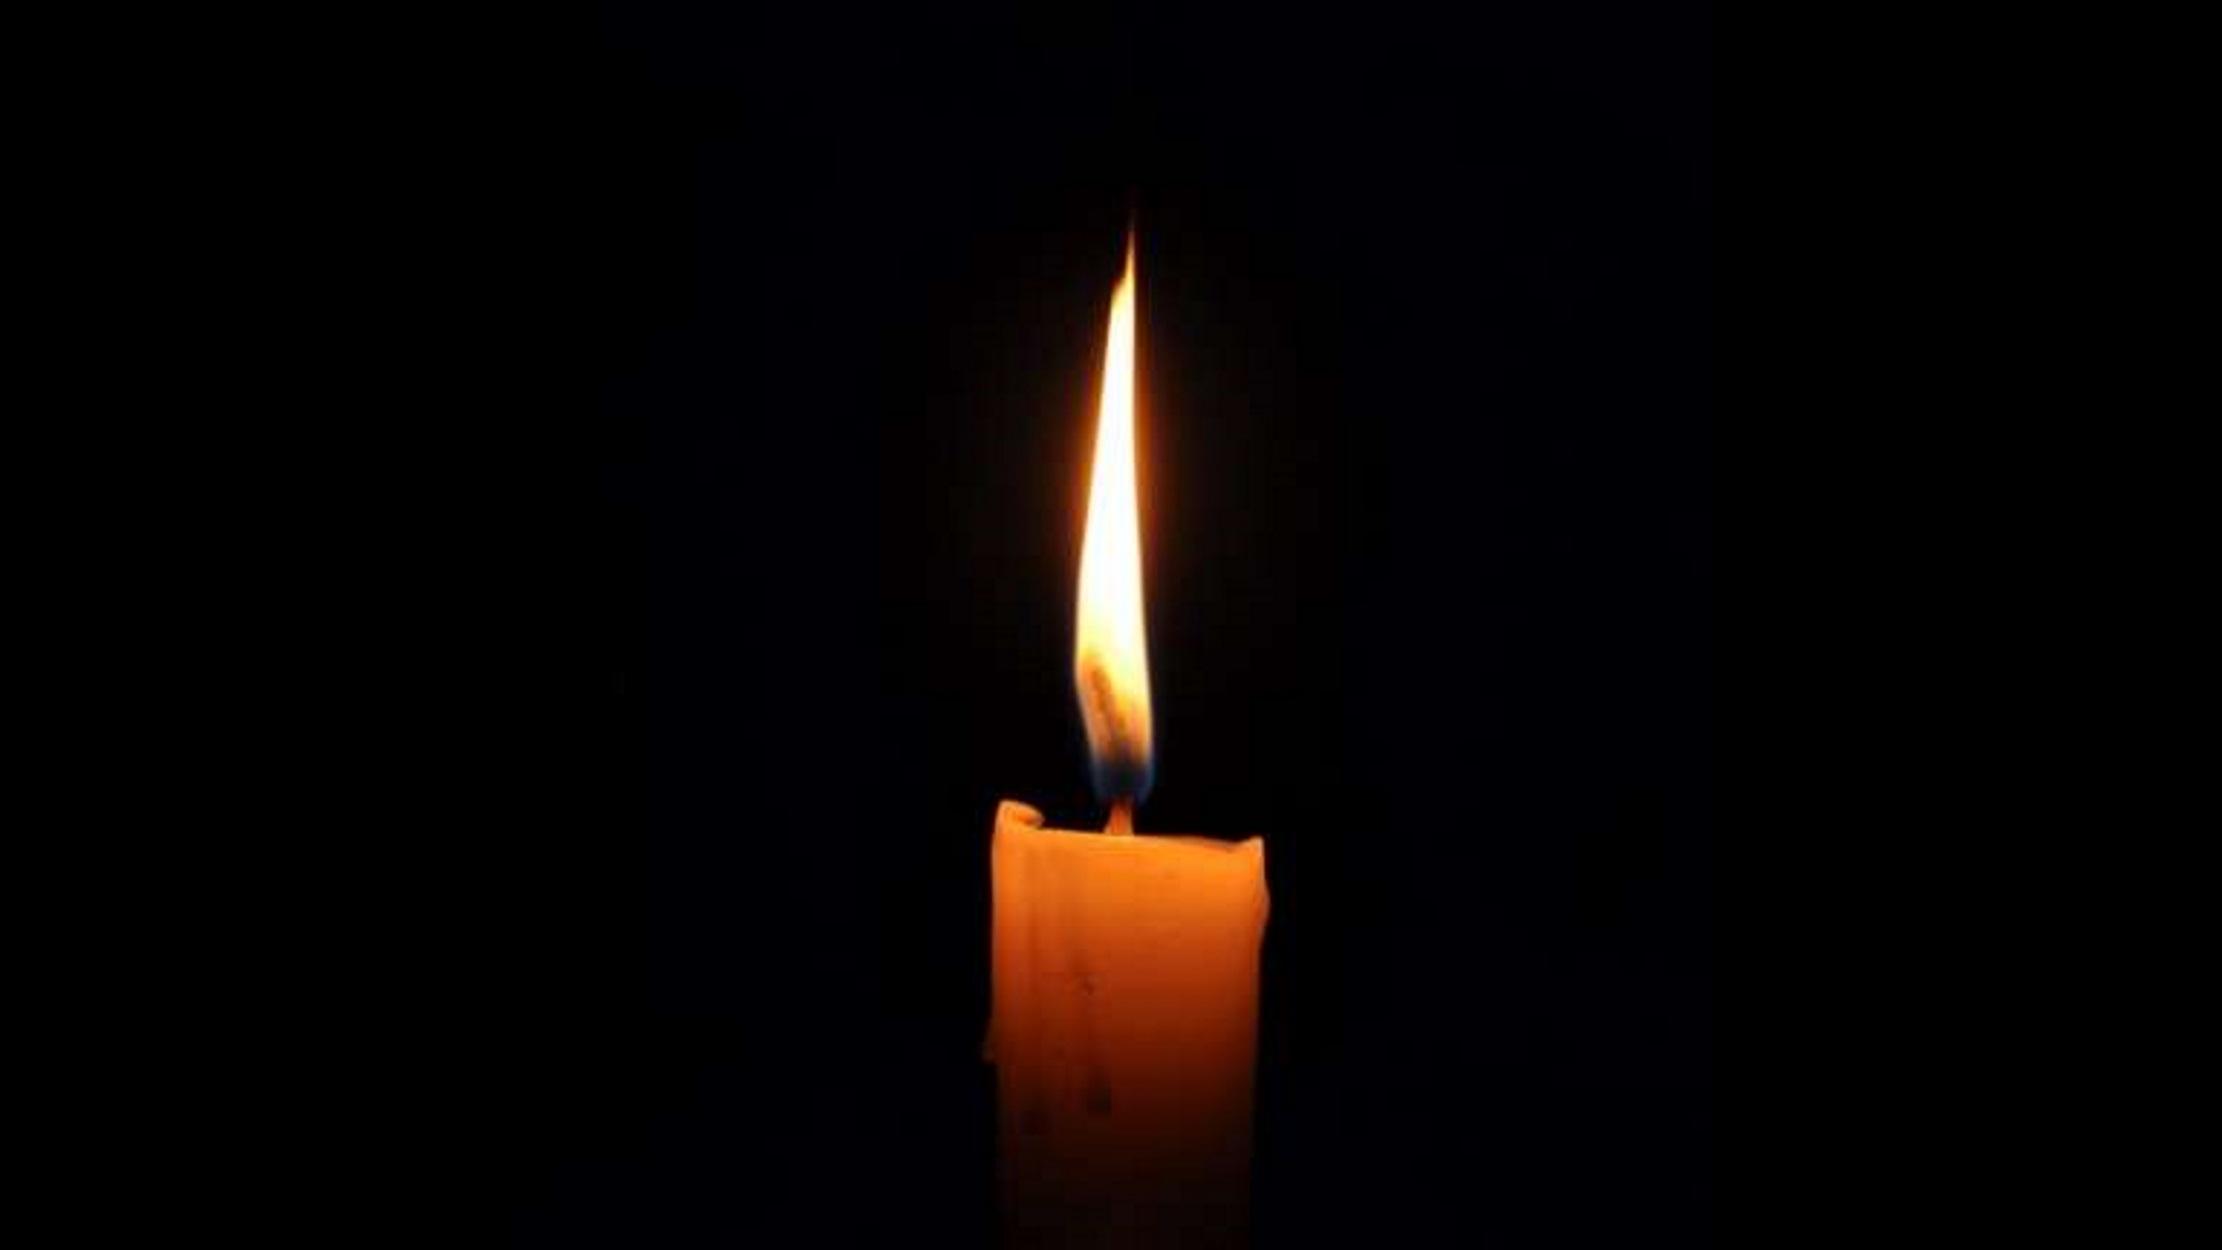 Θρήνος στη Λάρισα: Πέθανε από κορονοϊό ο διευθυντής του κέντρου υγείας Βαγγέλης Γραντζής